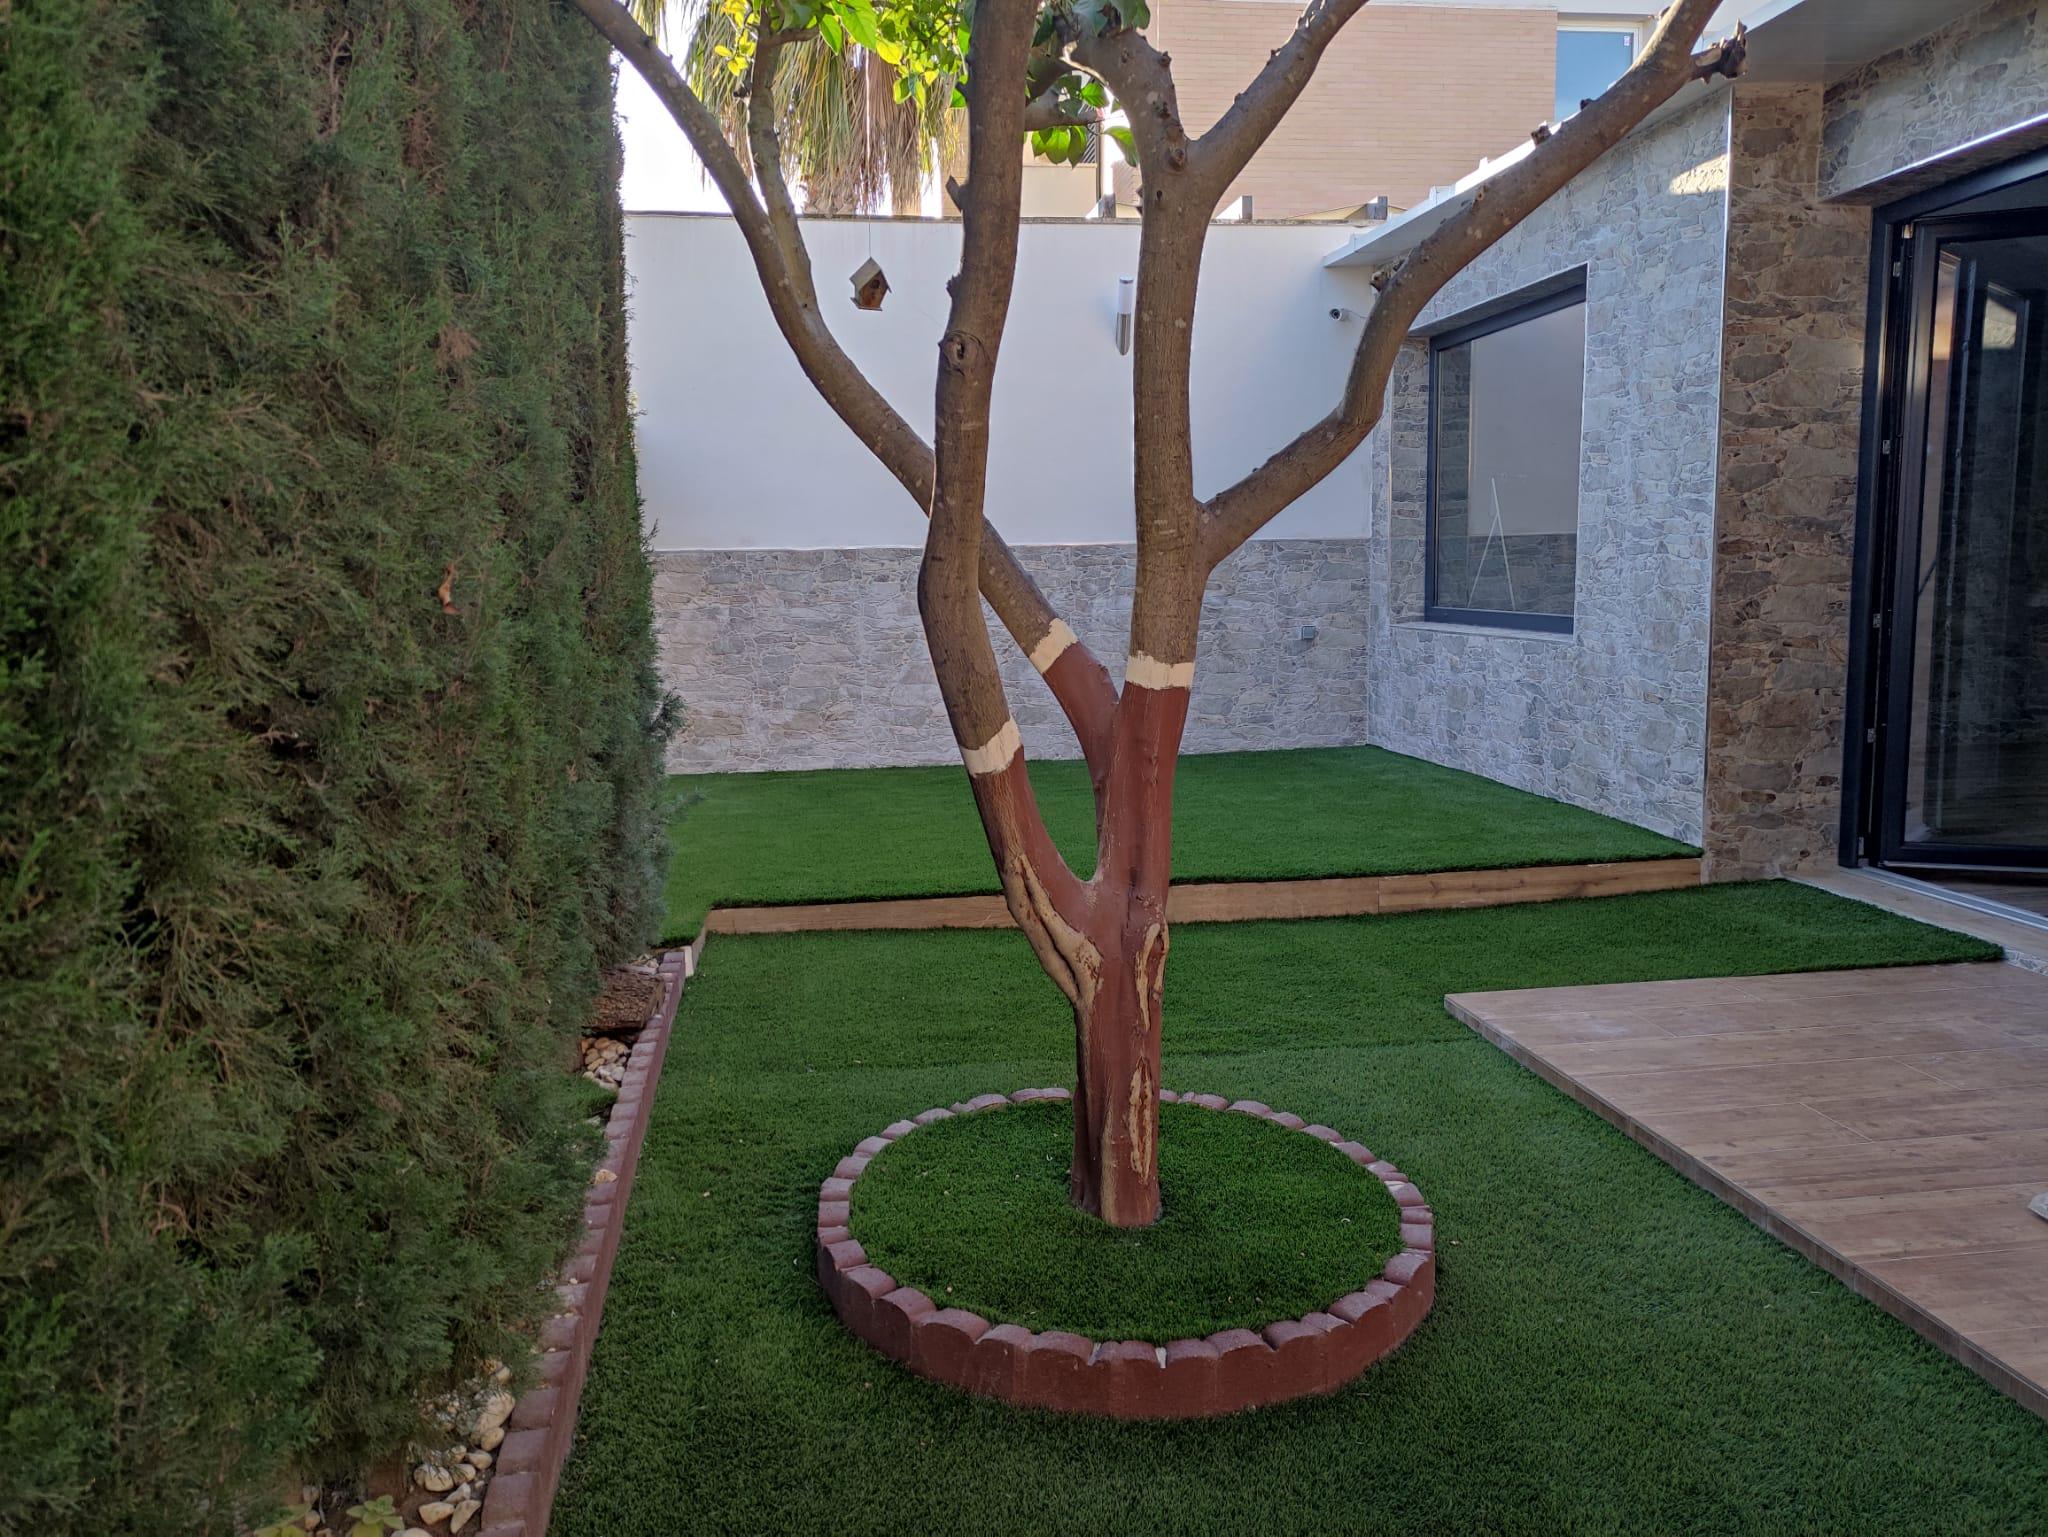 terraza con césped sintético y árboles